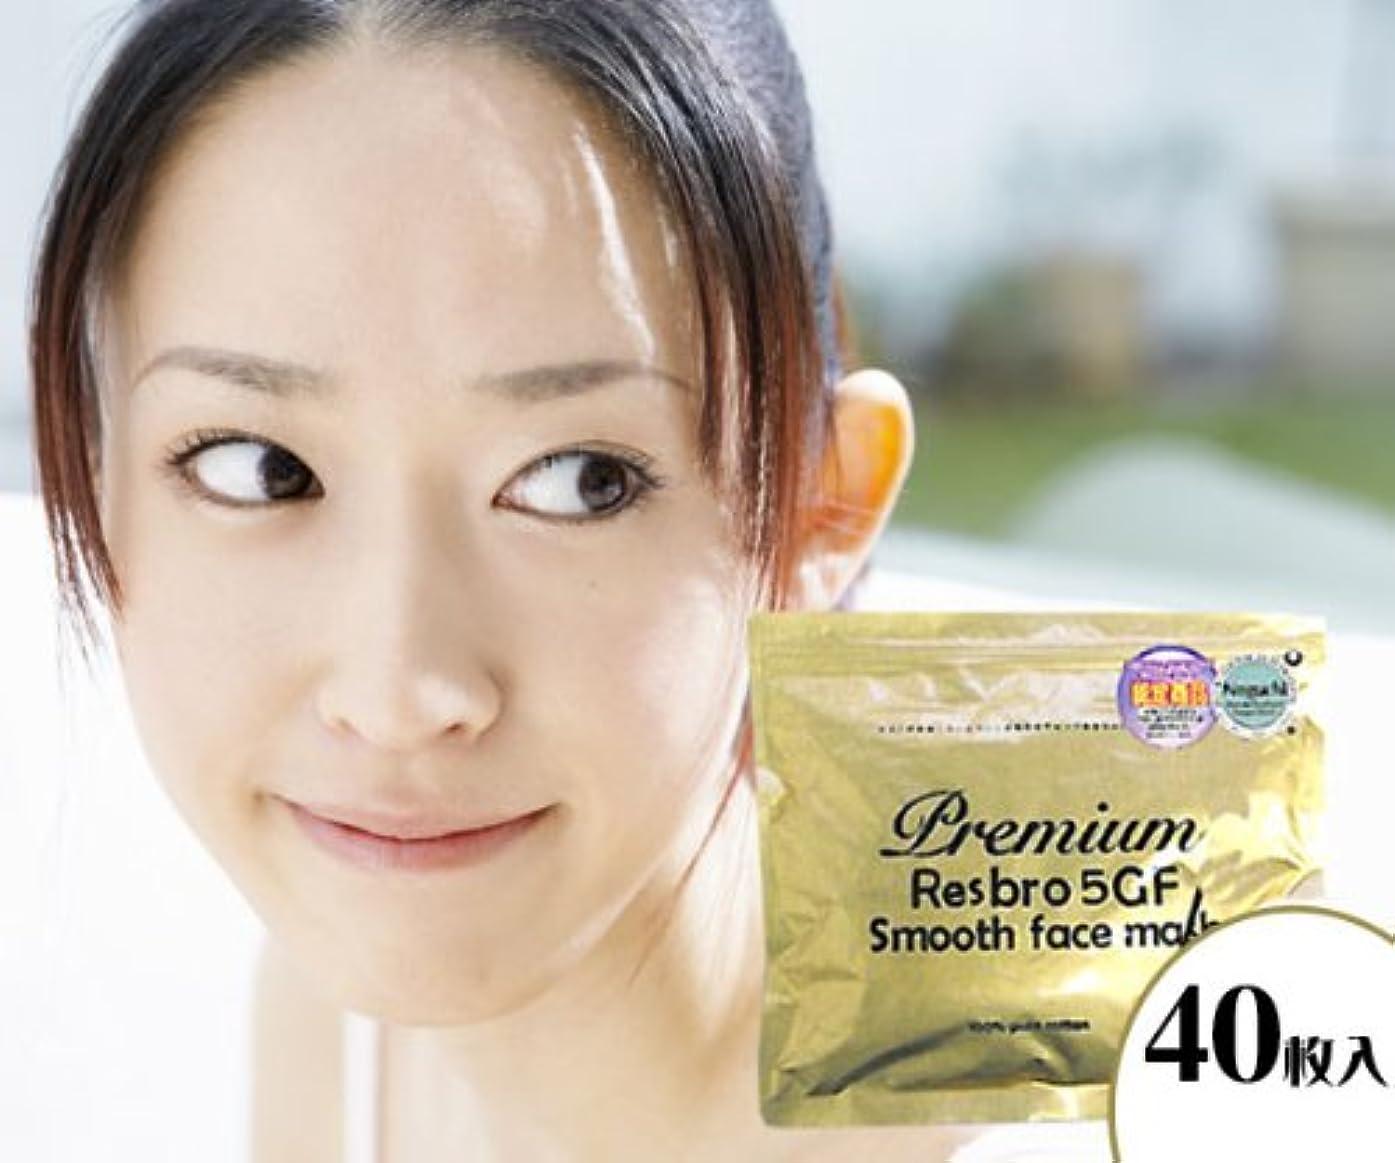 レスブロ5GFスムースフェイスマスク 40枚入り (こちらの商品の内訳は『40点』のみ)